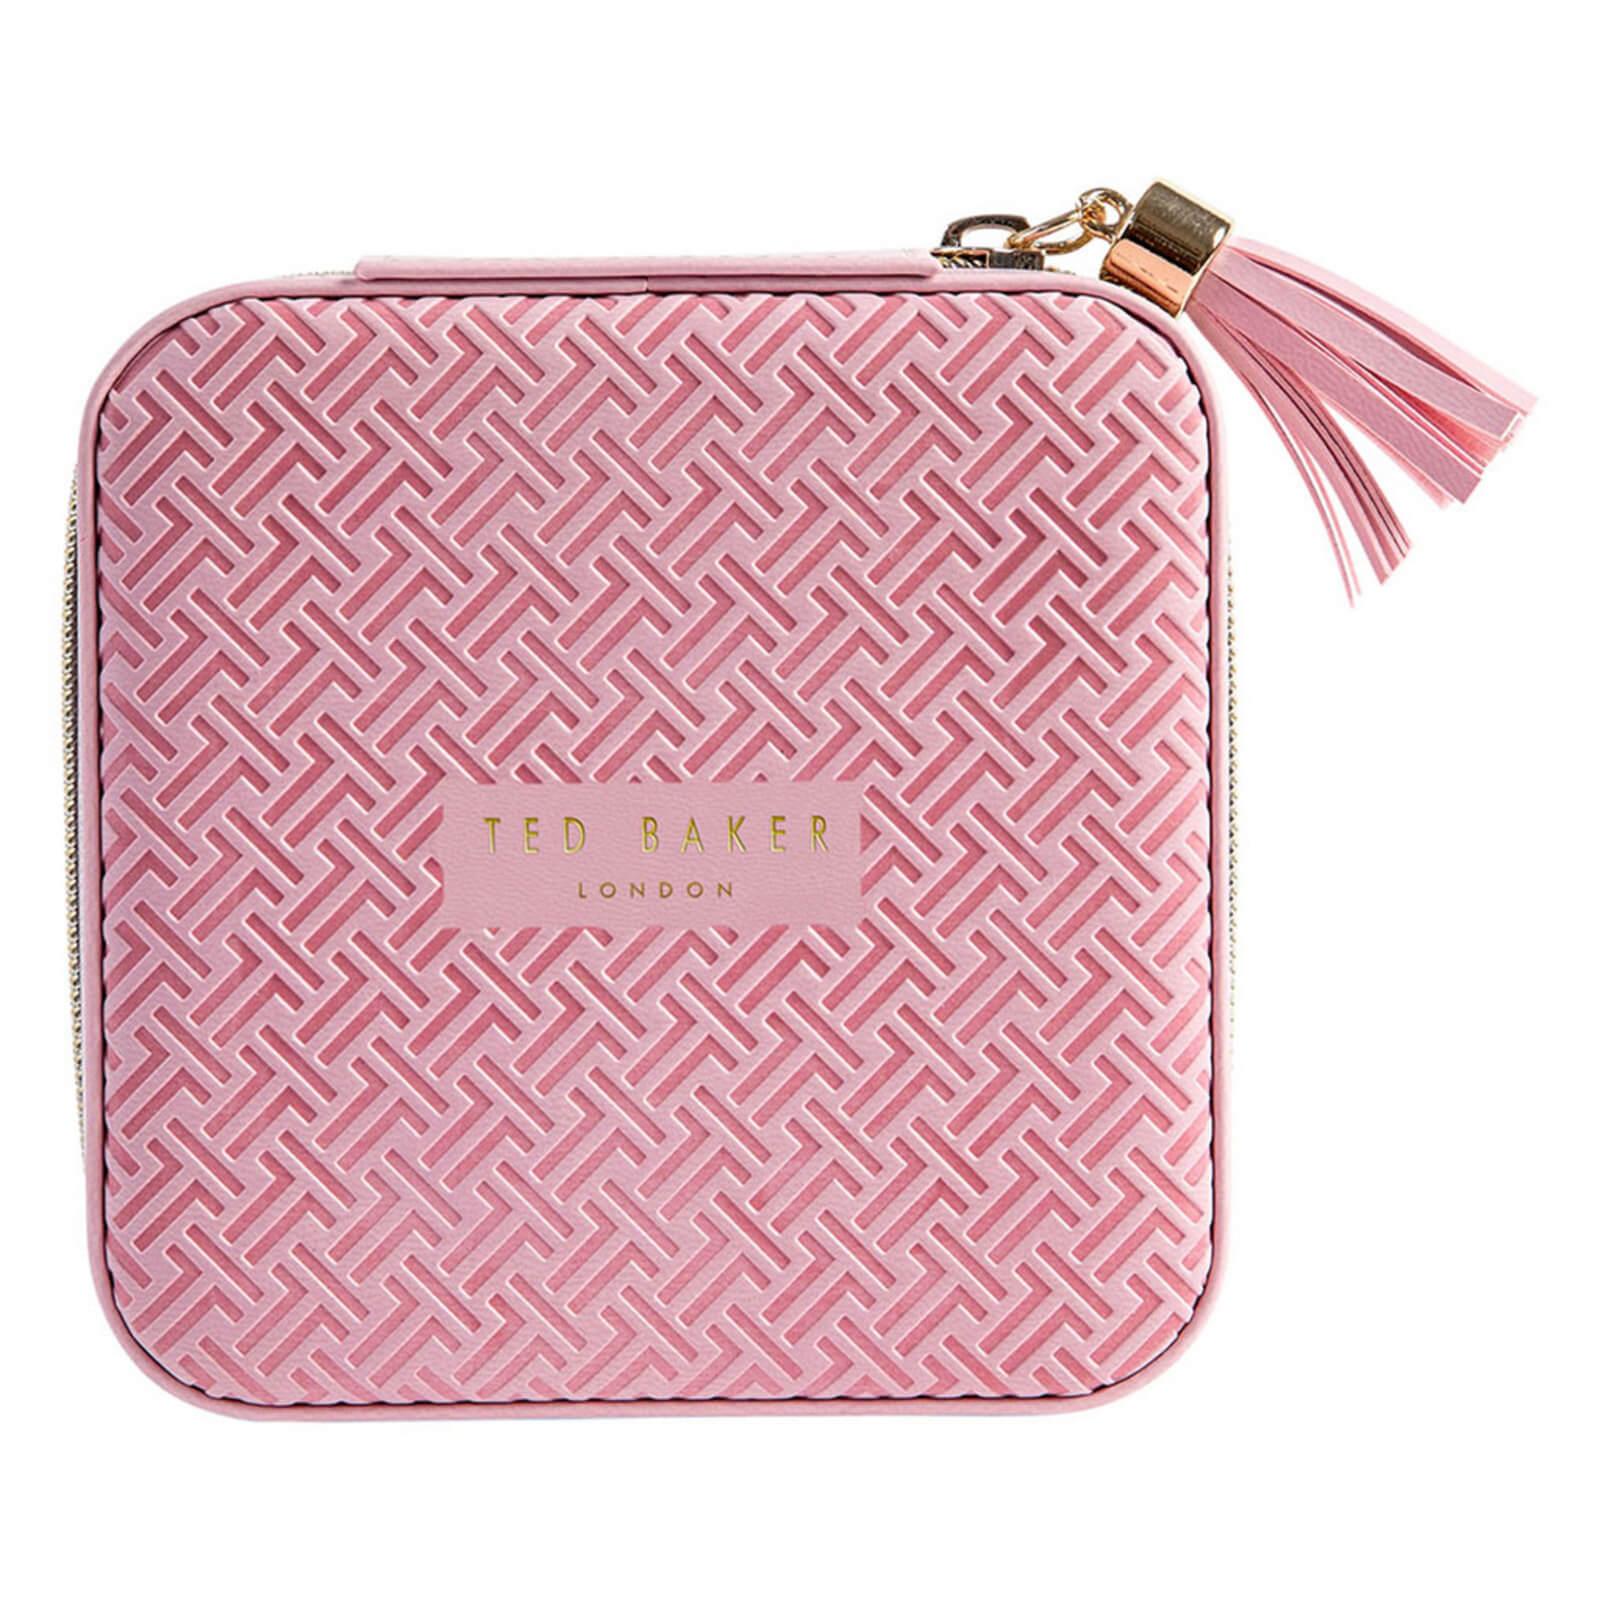 ted baker women's zipped jewellery case - dusky pink